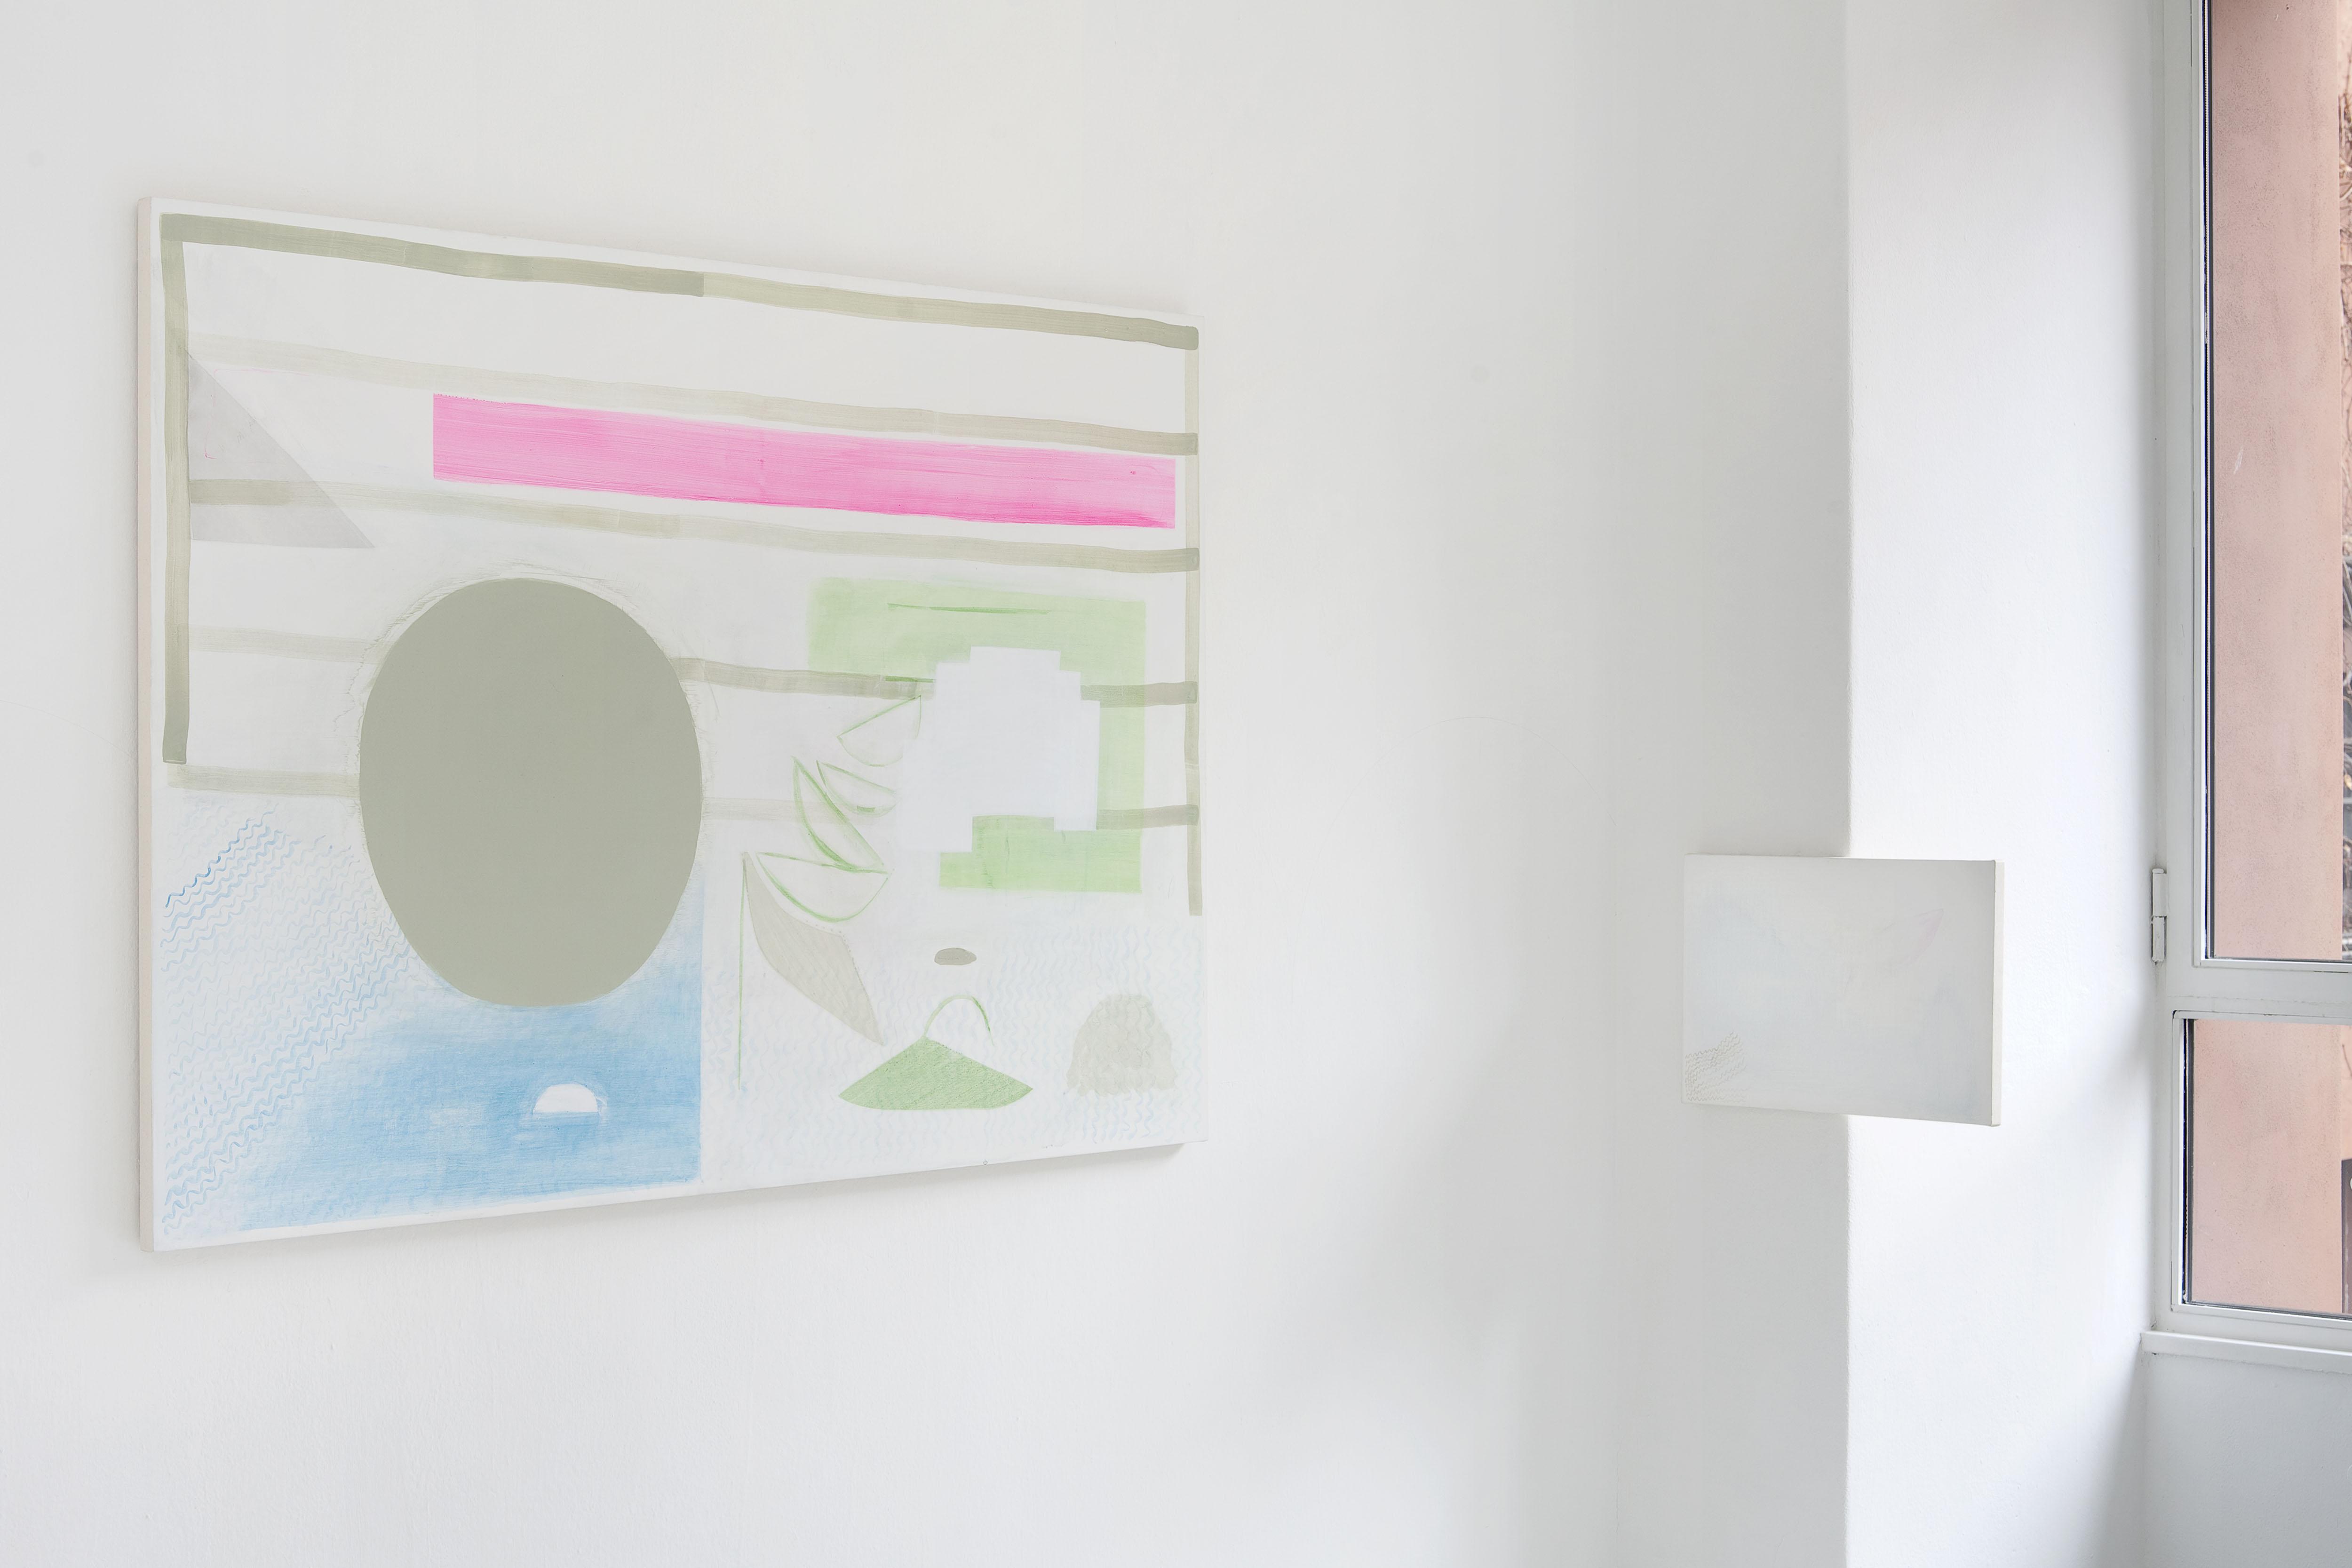 16 - Charlotte Herzig Stanchezza Passeggera Installation View 2016 Courtesy Studiolo Milan - photo Filippo Armellin copia